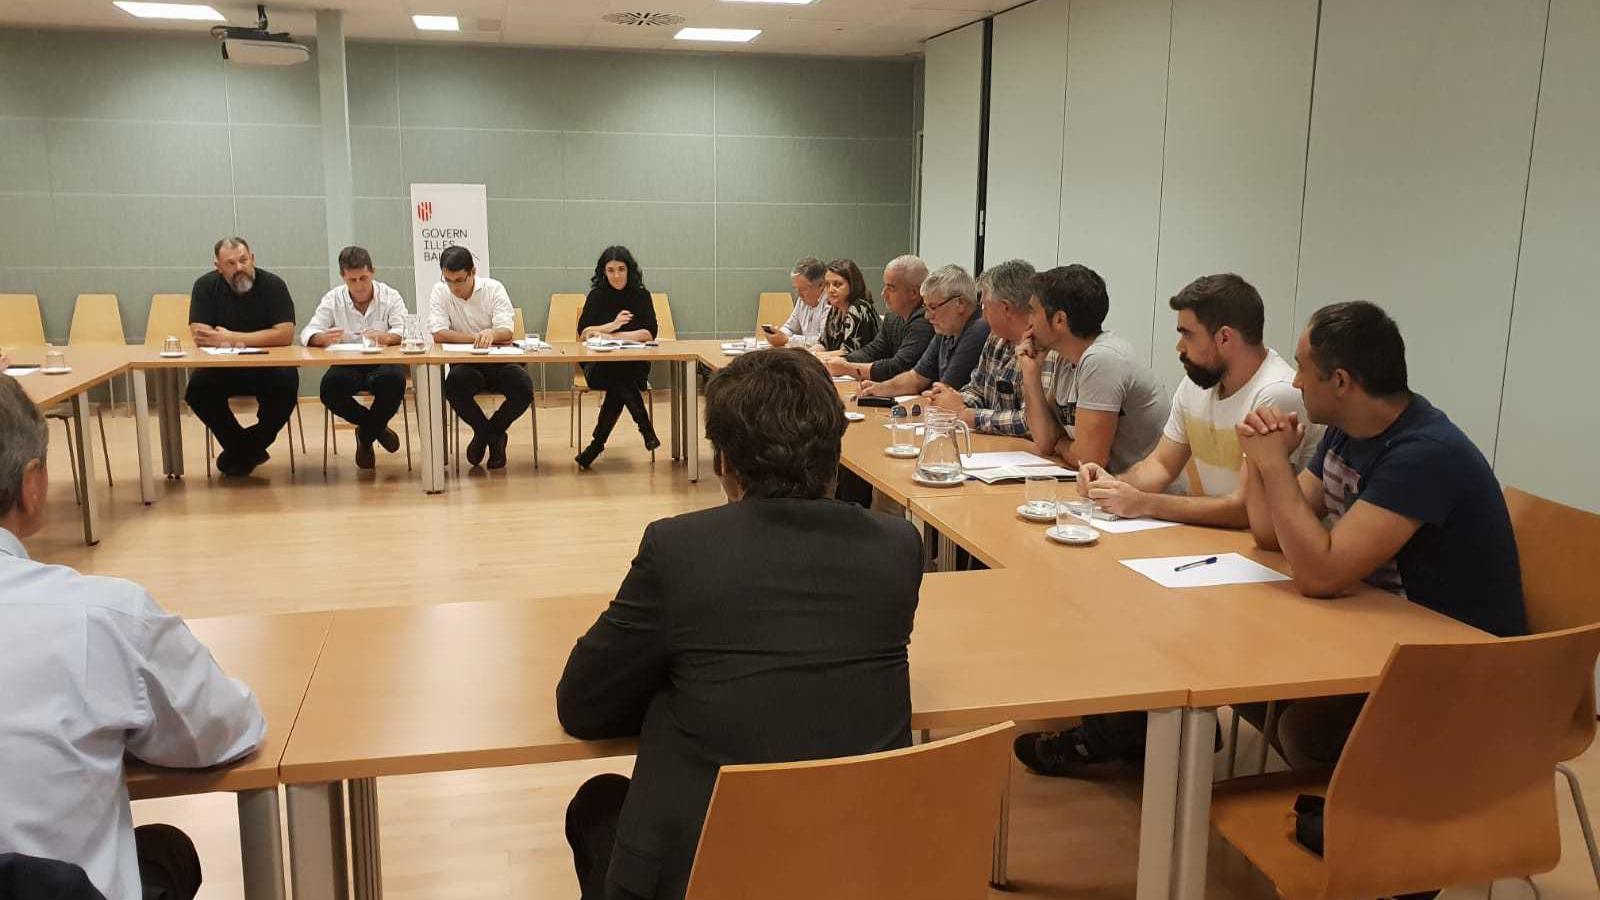 Reunió del Conseller de Treball Iago Negueruela amb els treballadors de la cimentera de Lloseta i els directius de l'empresa Cemex